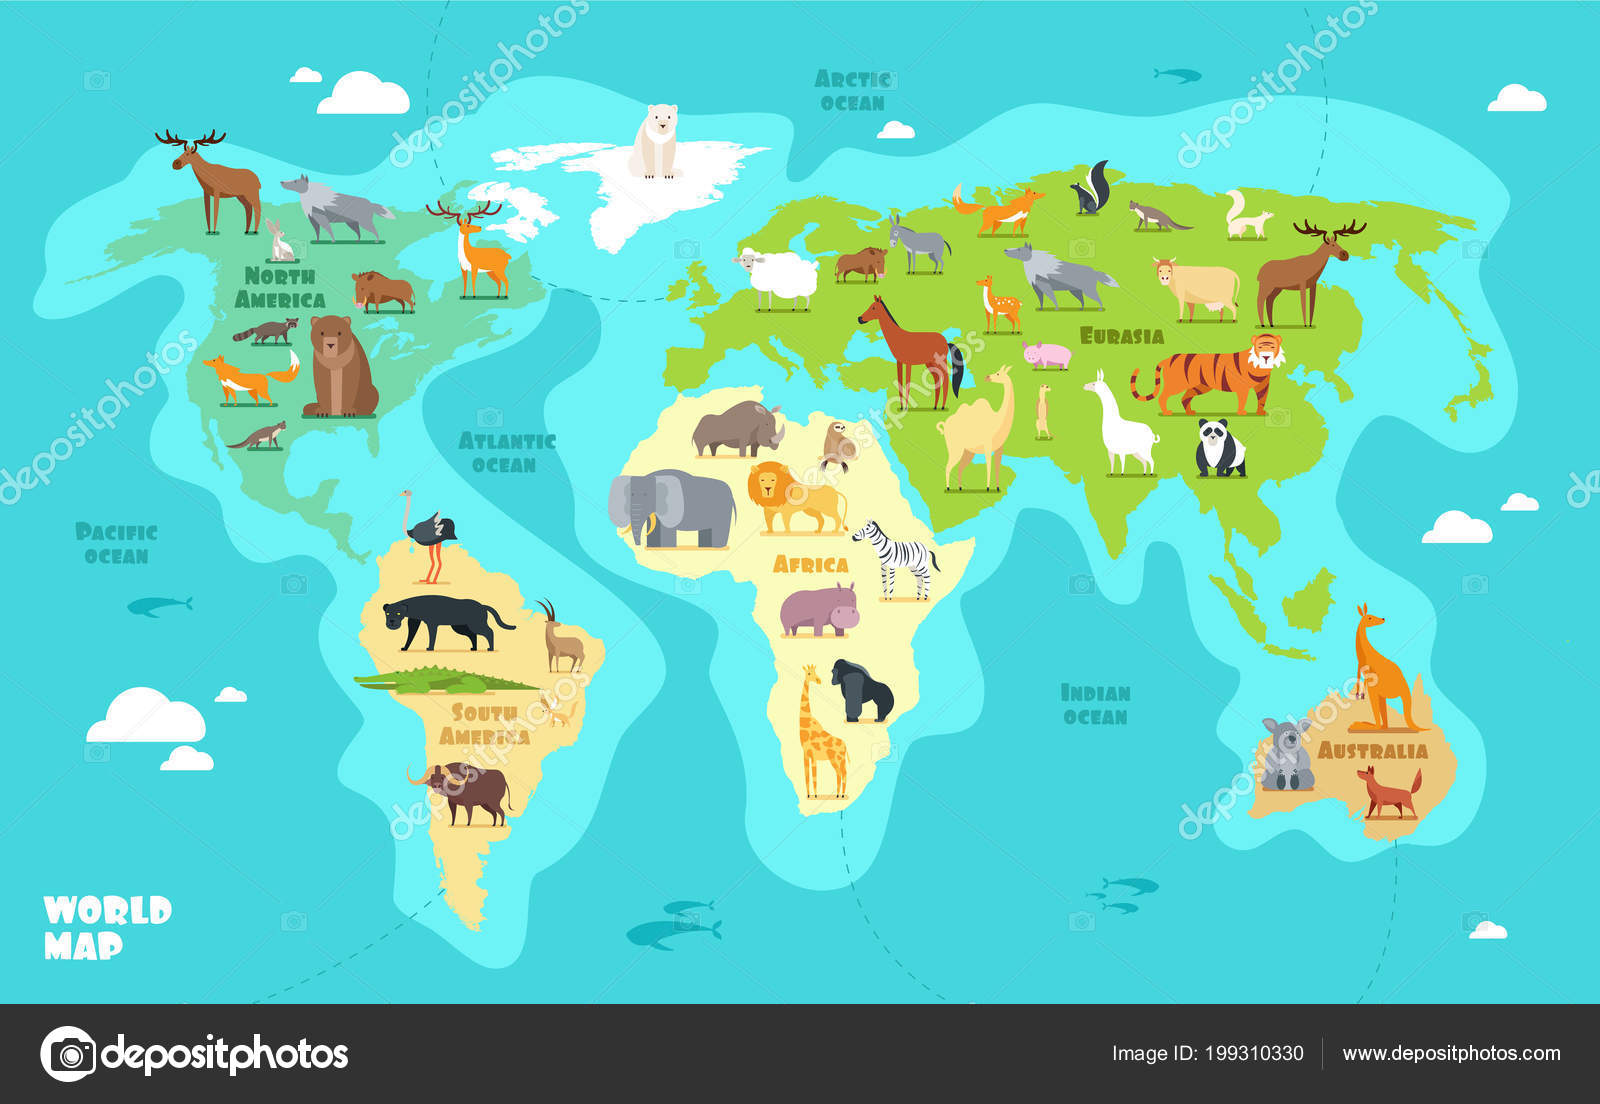 Dibujo Mapa Del Mundo Continentes.Imagenes Continentes Animados Mapa Del Mundo De Dibujos